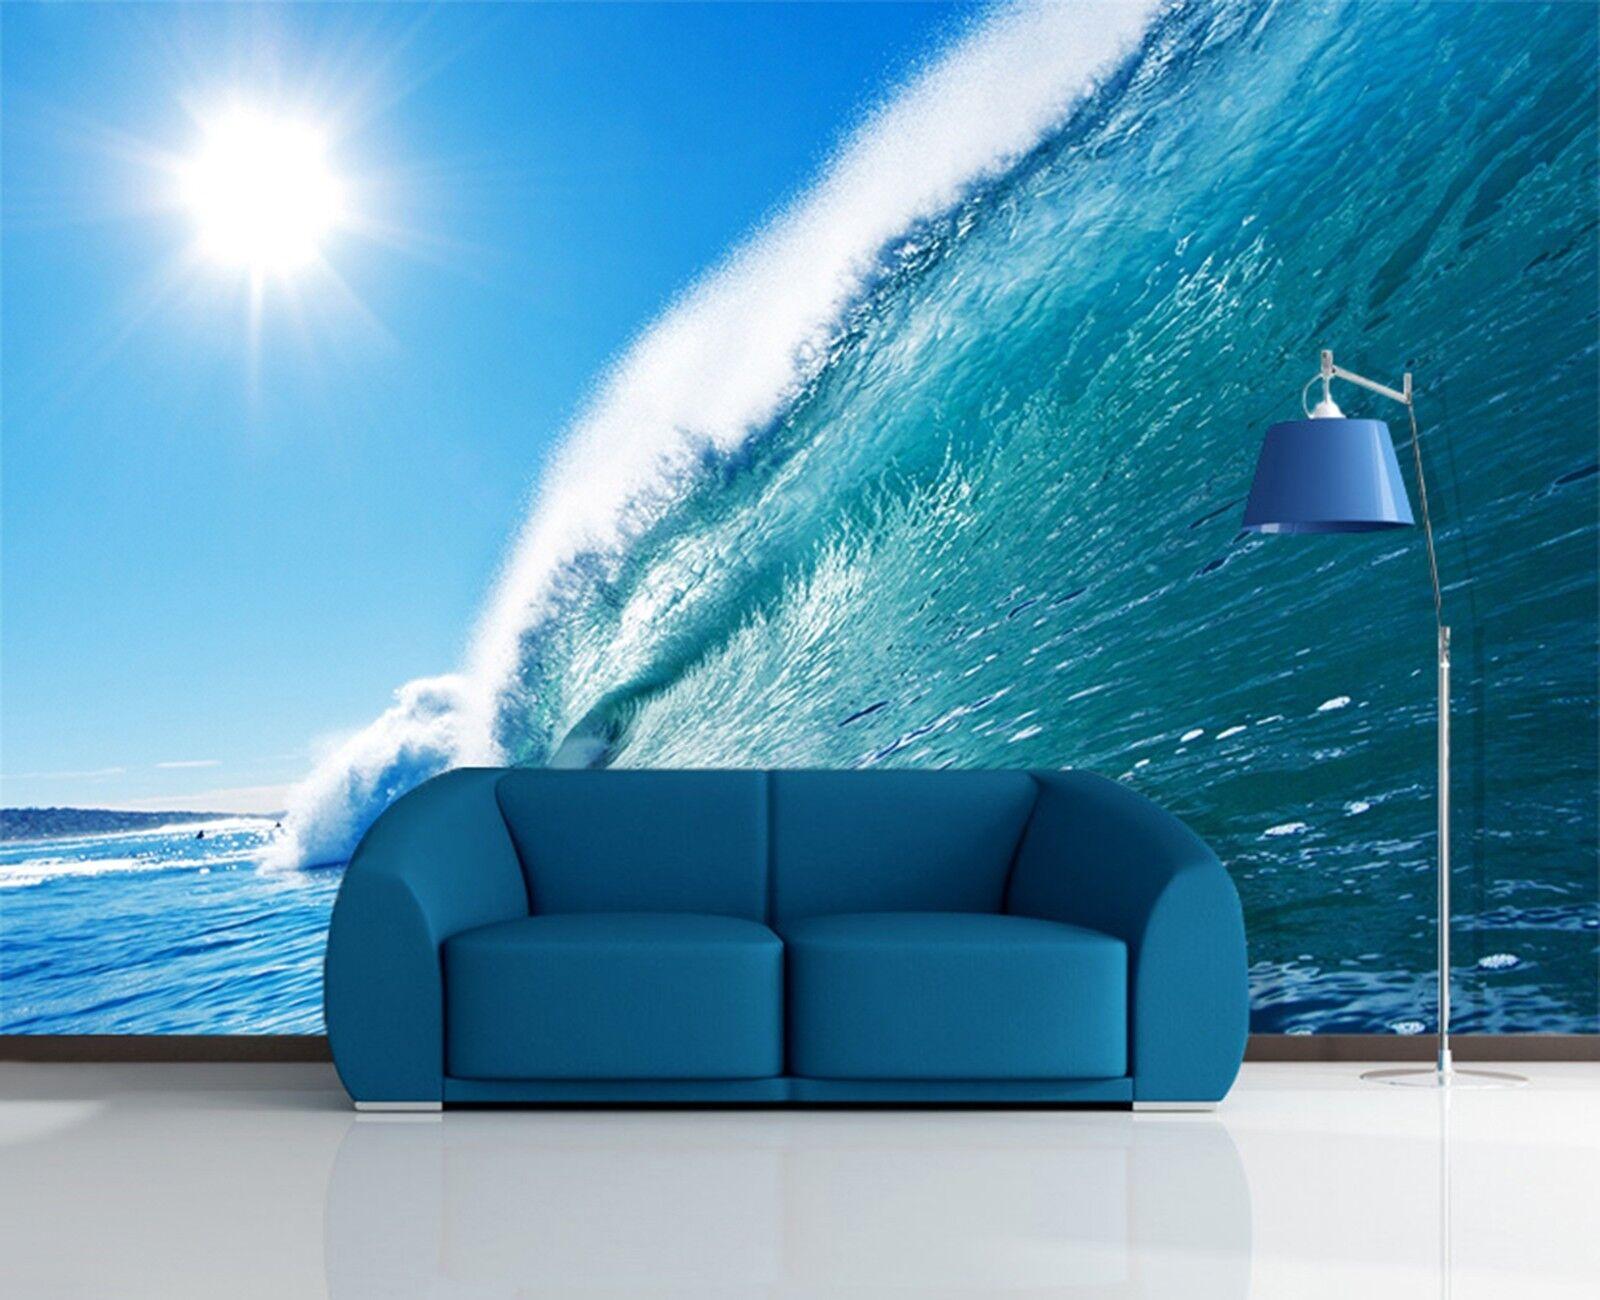 3D Ozean Sonne Natur 9699 Tapete Wandgemälde Tapeten Bild Familie DE Lemon | Feinbearbeitung  | Diversified In Packaging  | Sehen Sie die Welt aus der Perspektive des Kindes